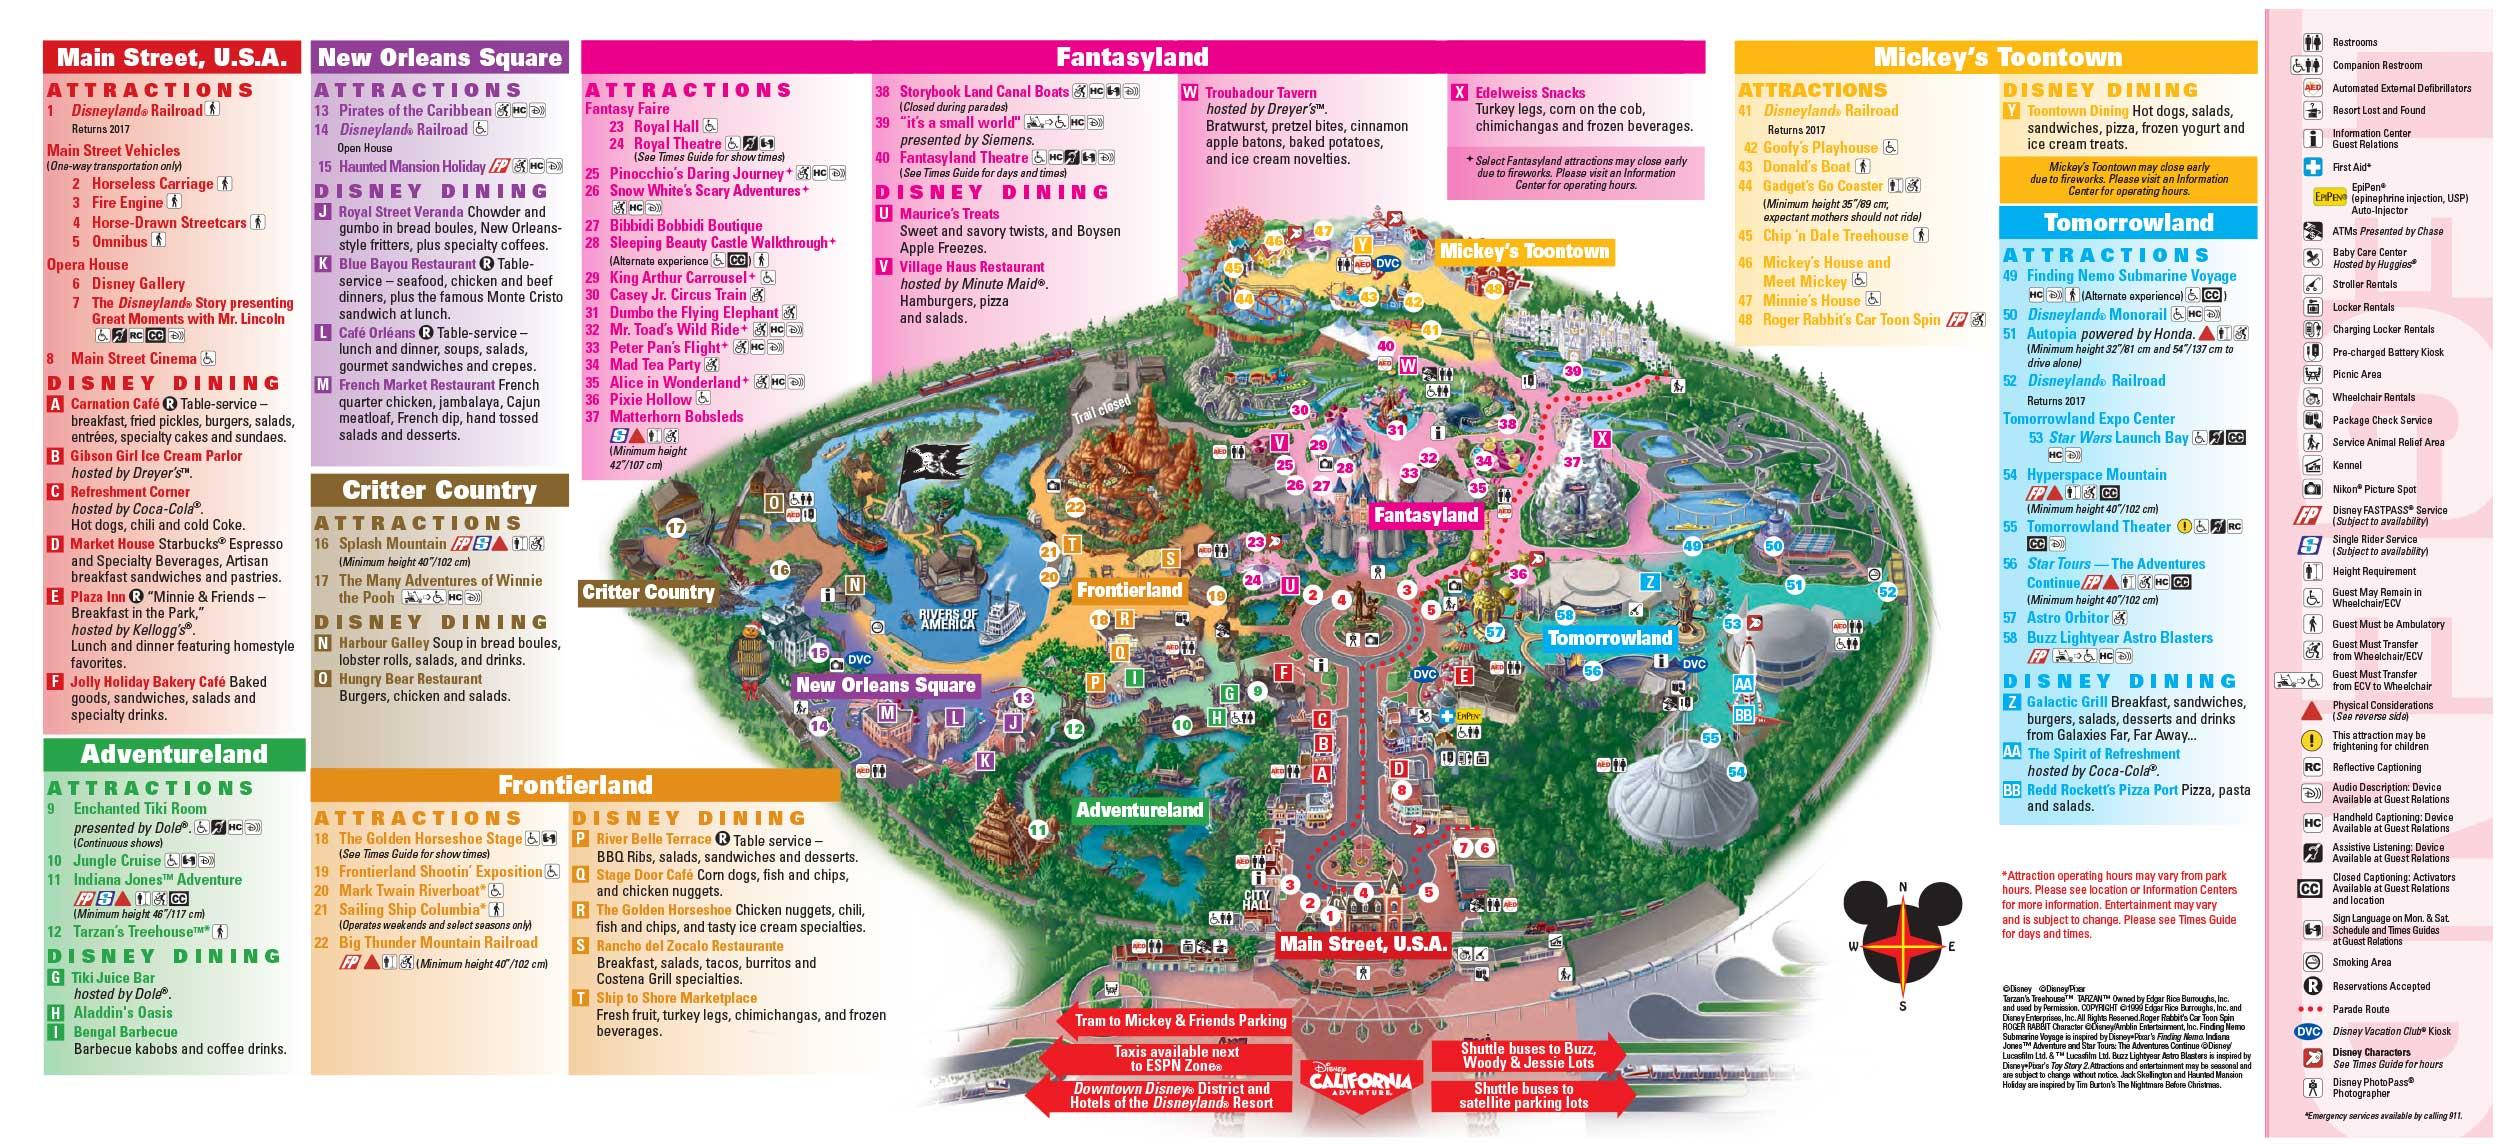 Disneyland Park Map In California, Map Of Disneyland - Disneyland California Map